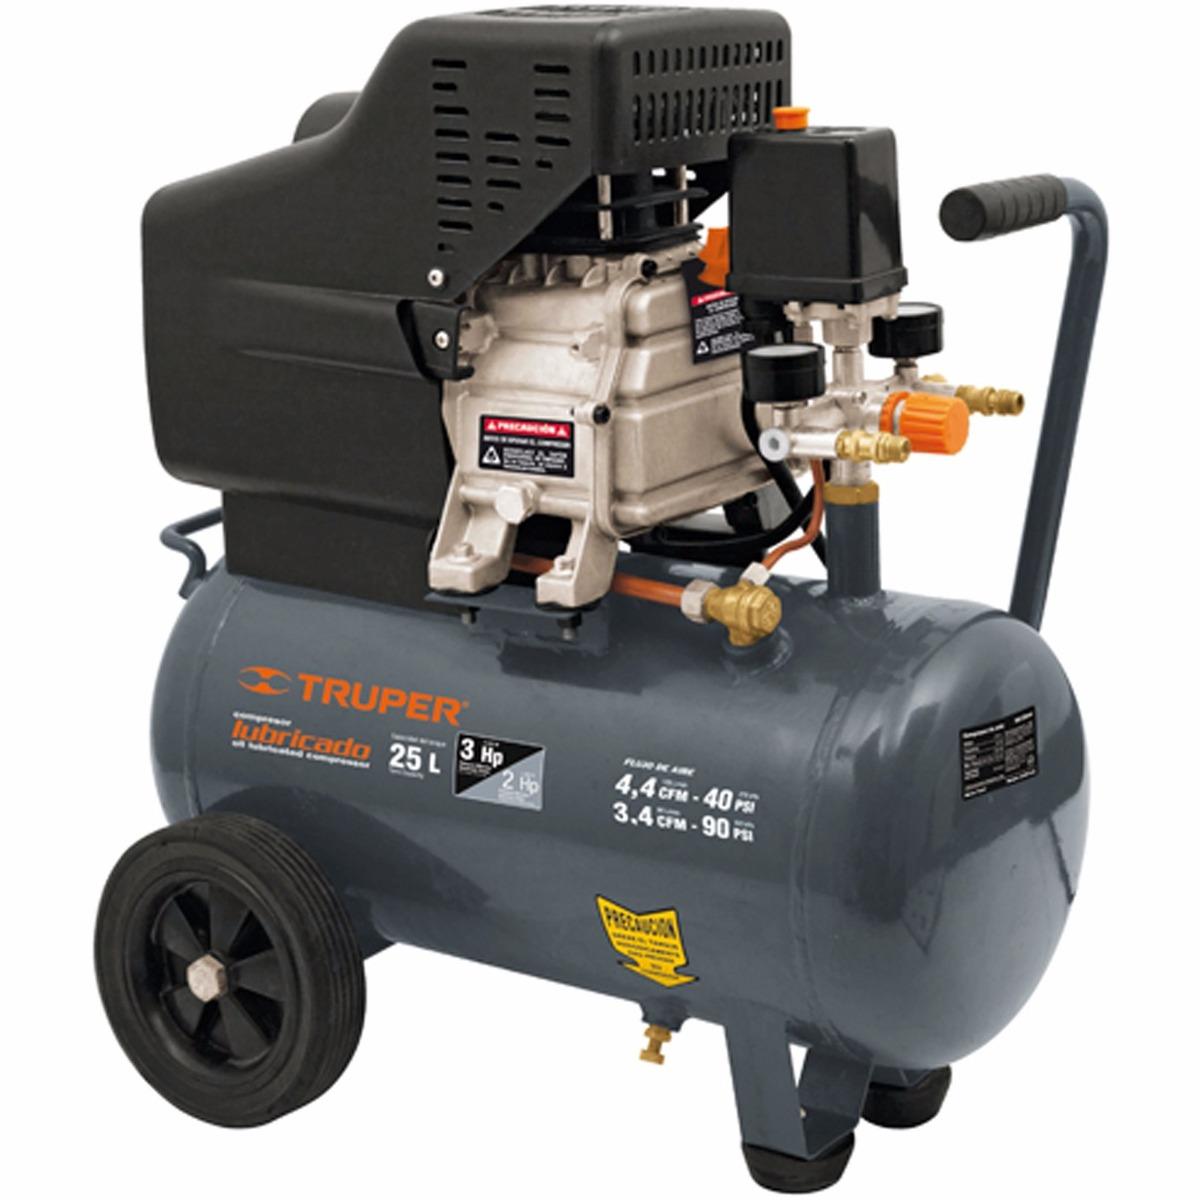 compresor de aire lubricado 25 litros truper 19010